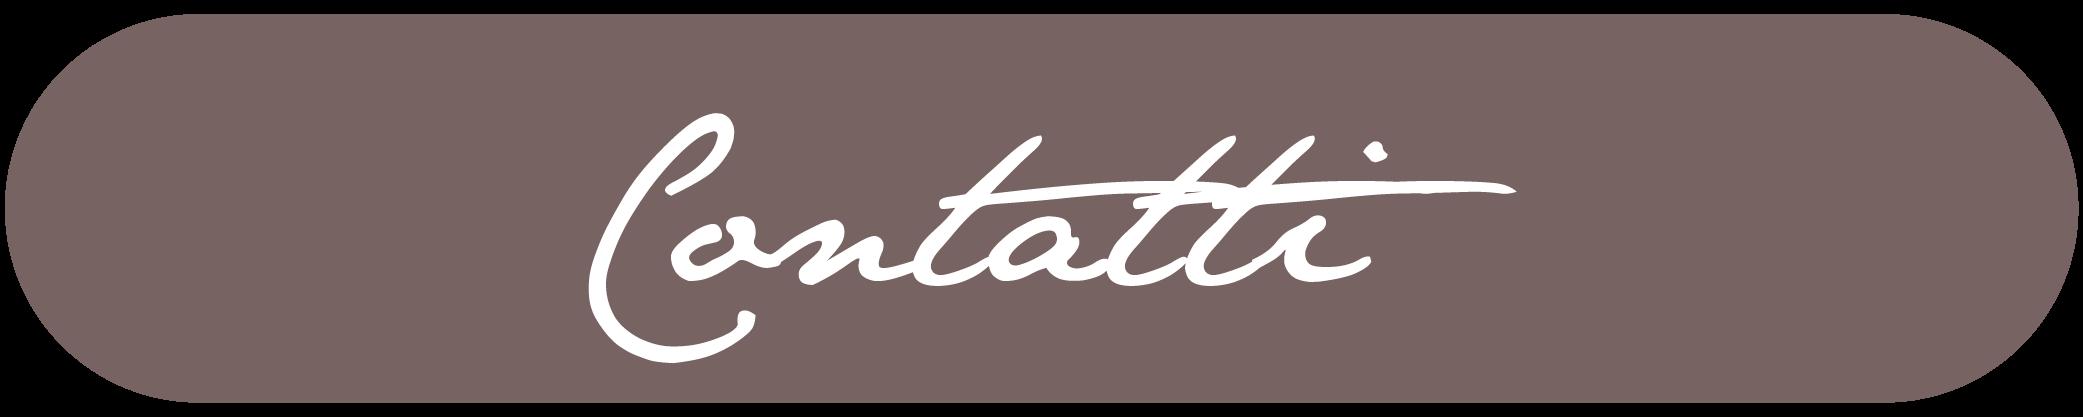 Masetto - Contatti